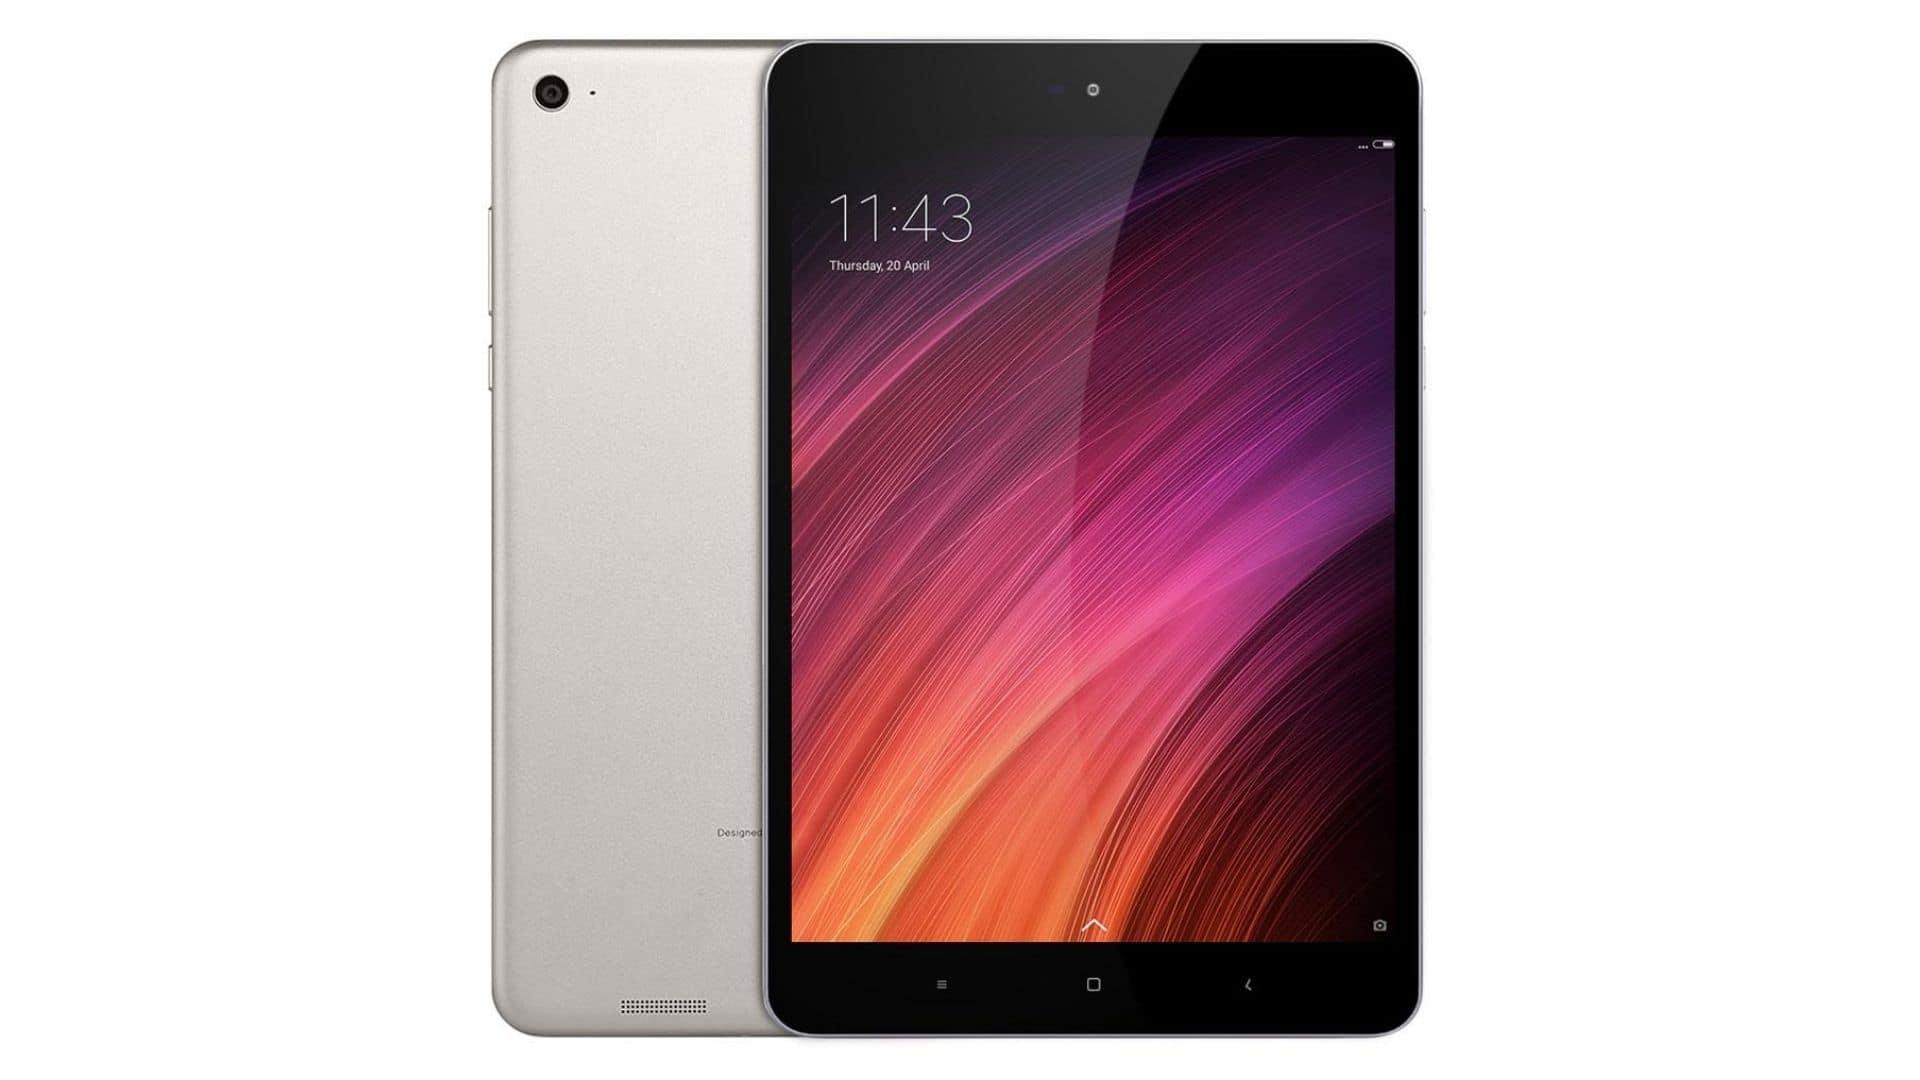 Tablet Xiaomi Mi Pad 3 prata de traseira e de frente em fundo branco